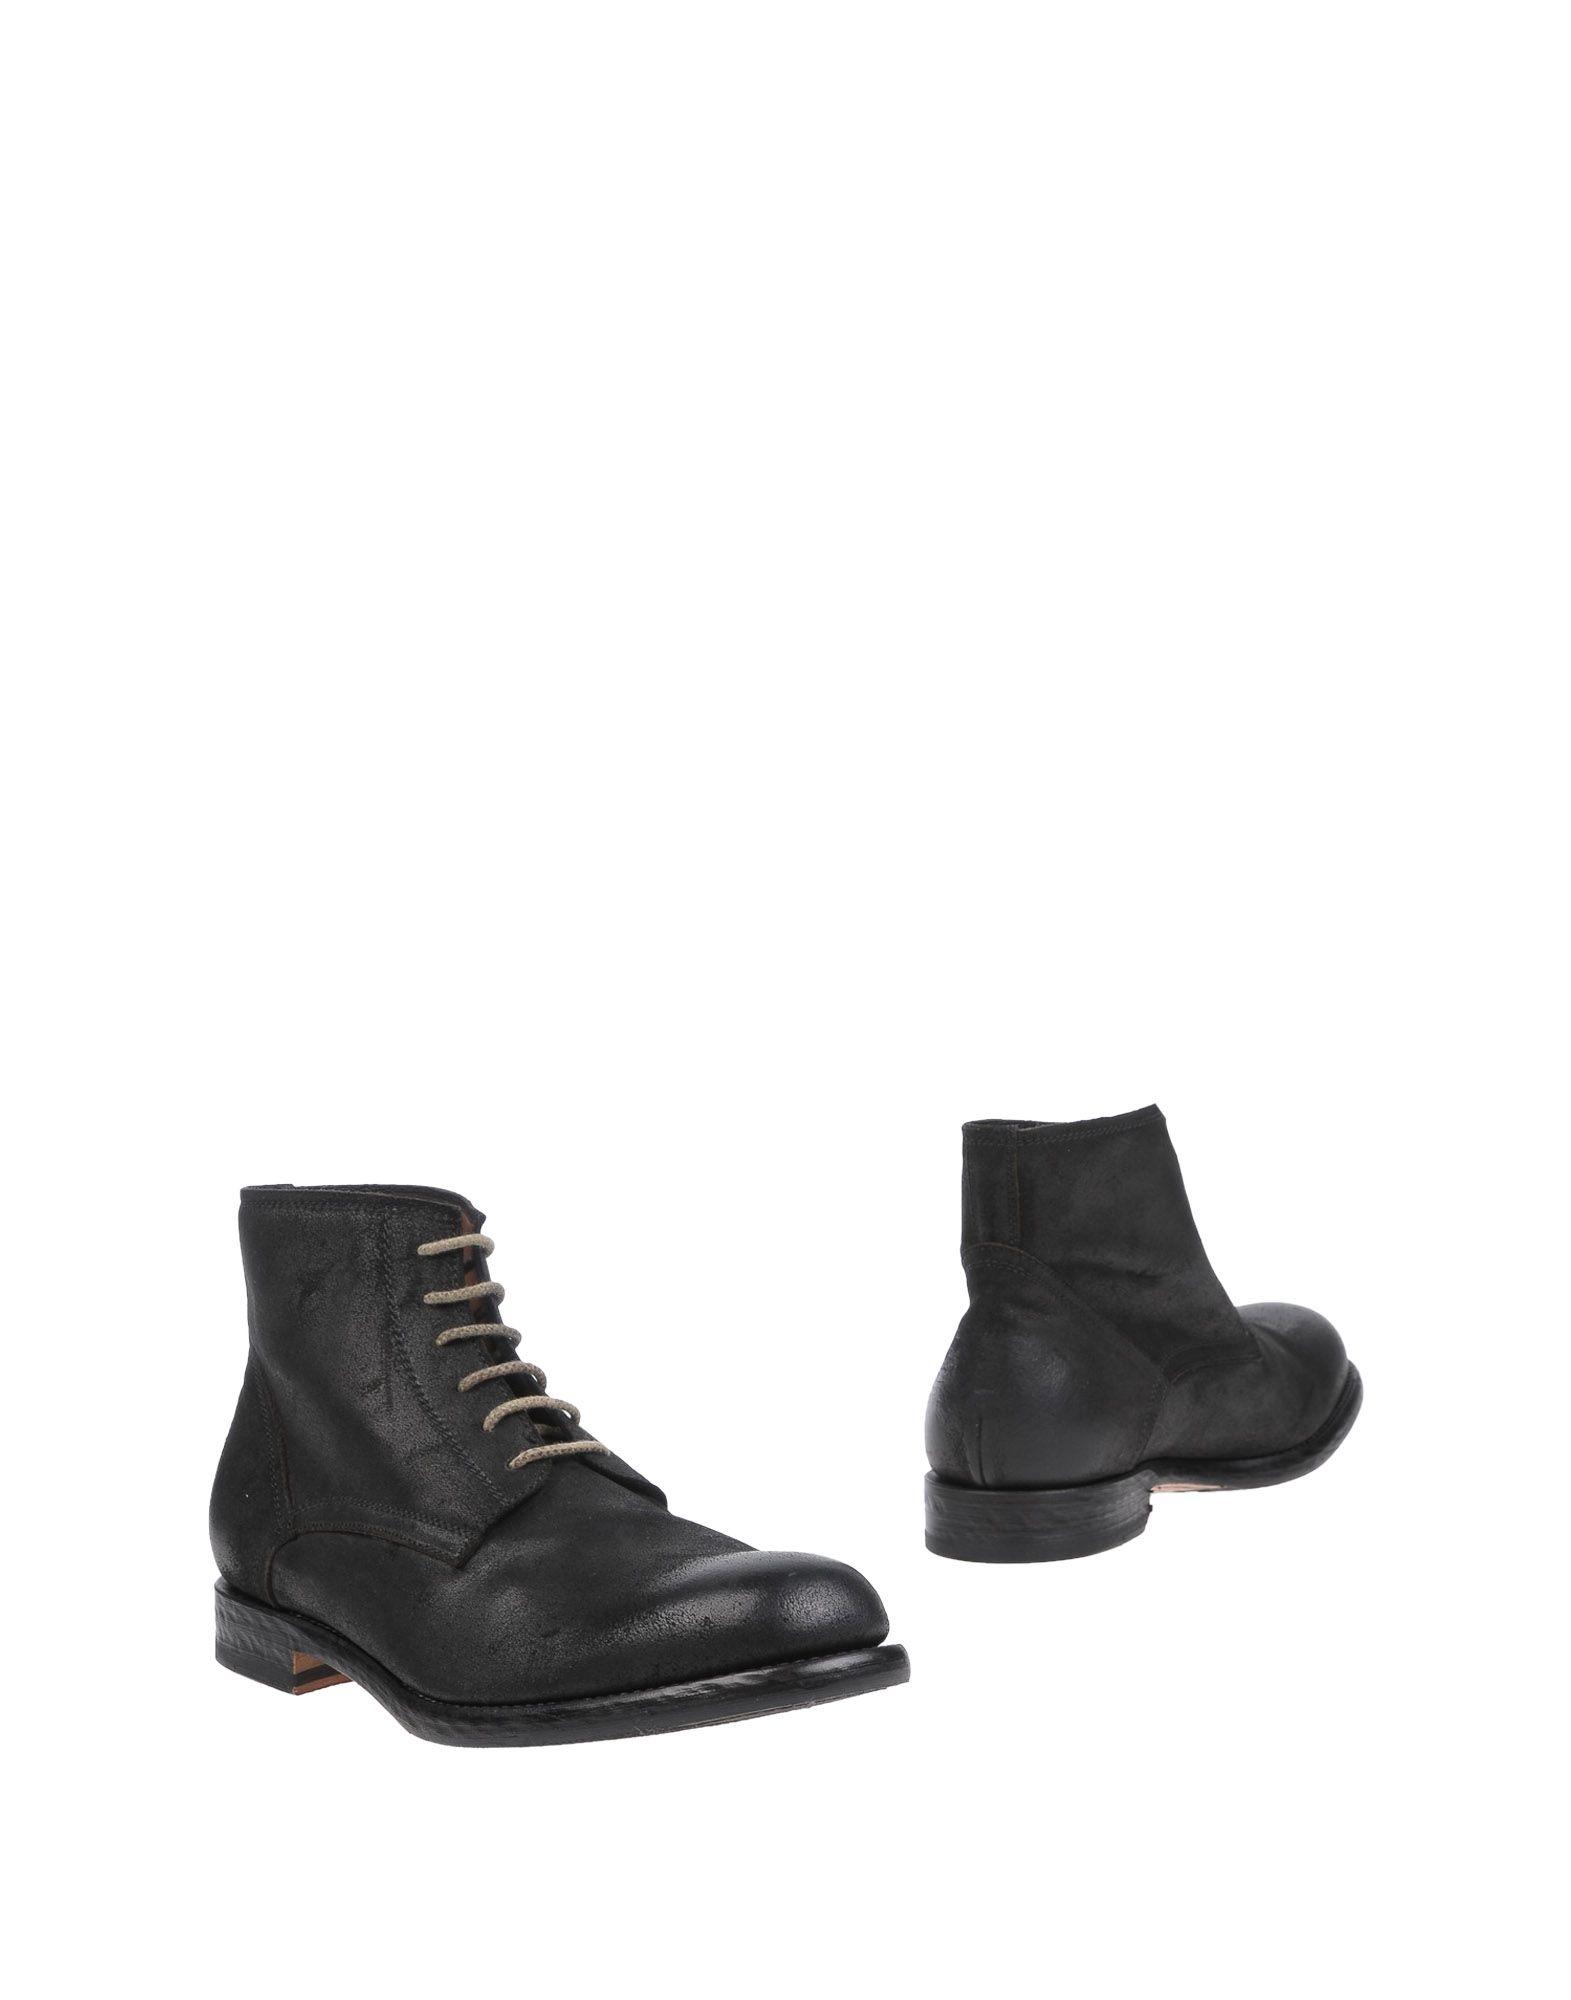 Migliore Stiefelette Herren  Schuhe 11290366QF Gute Qualität beliebte Schuhe  76a448